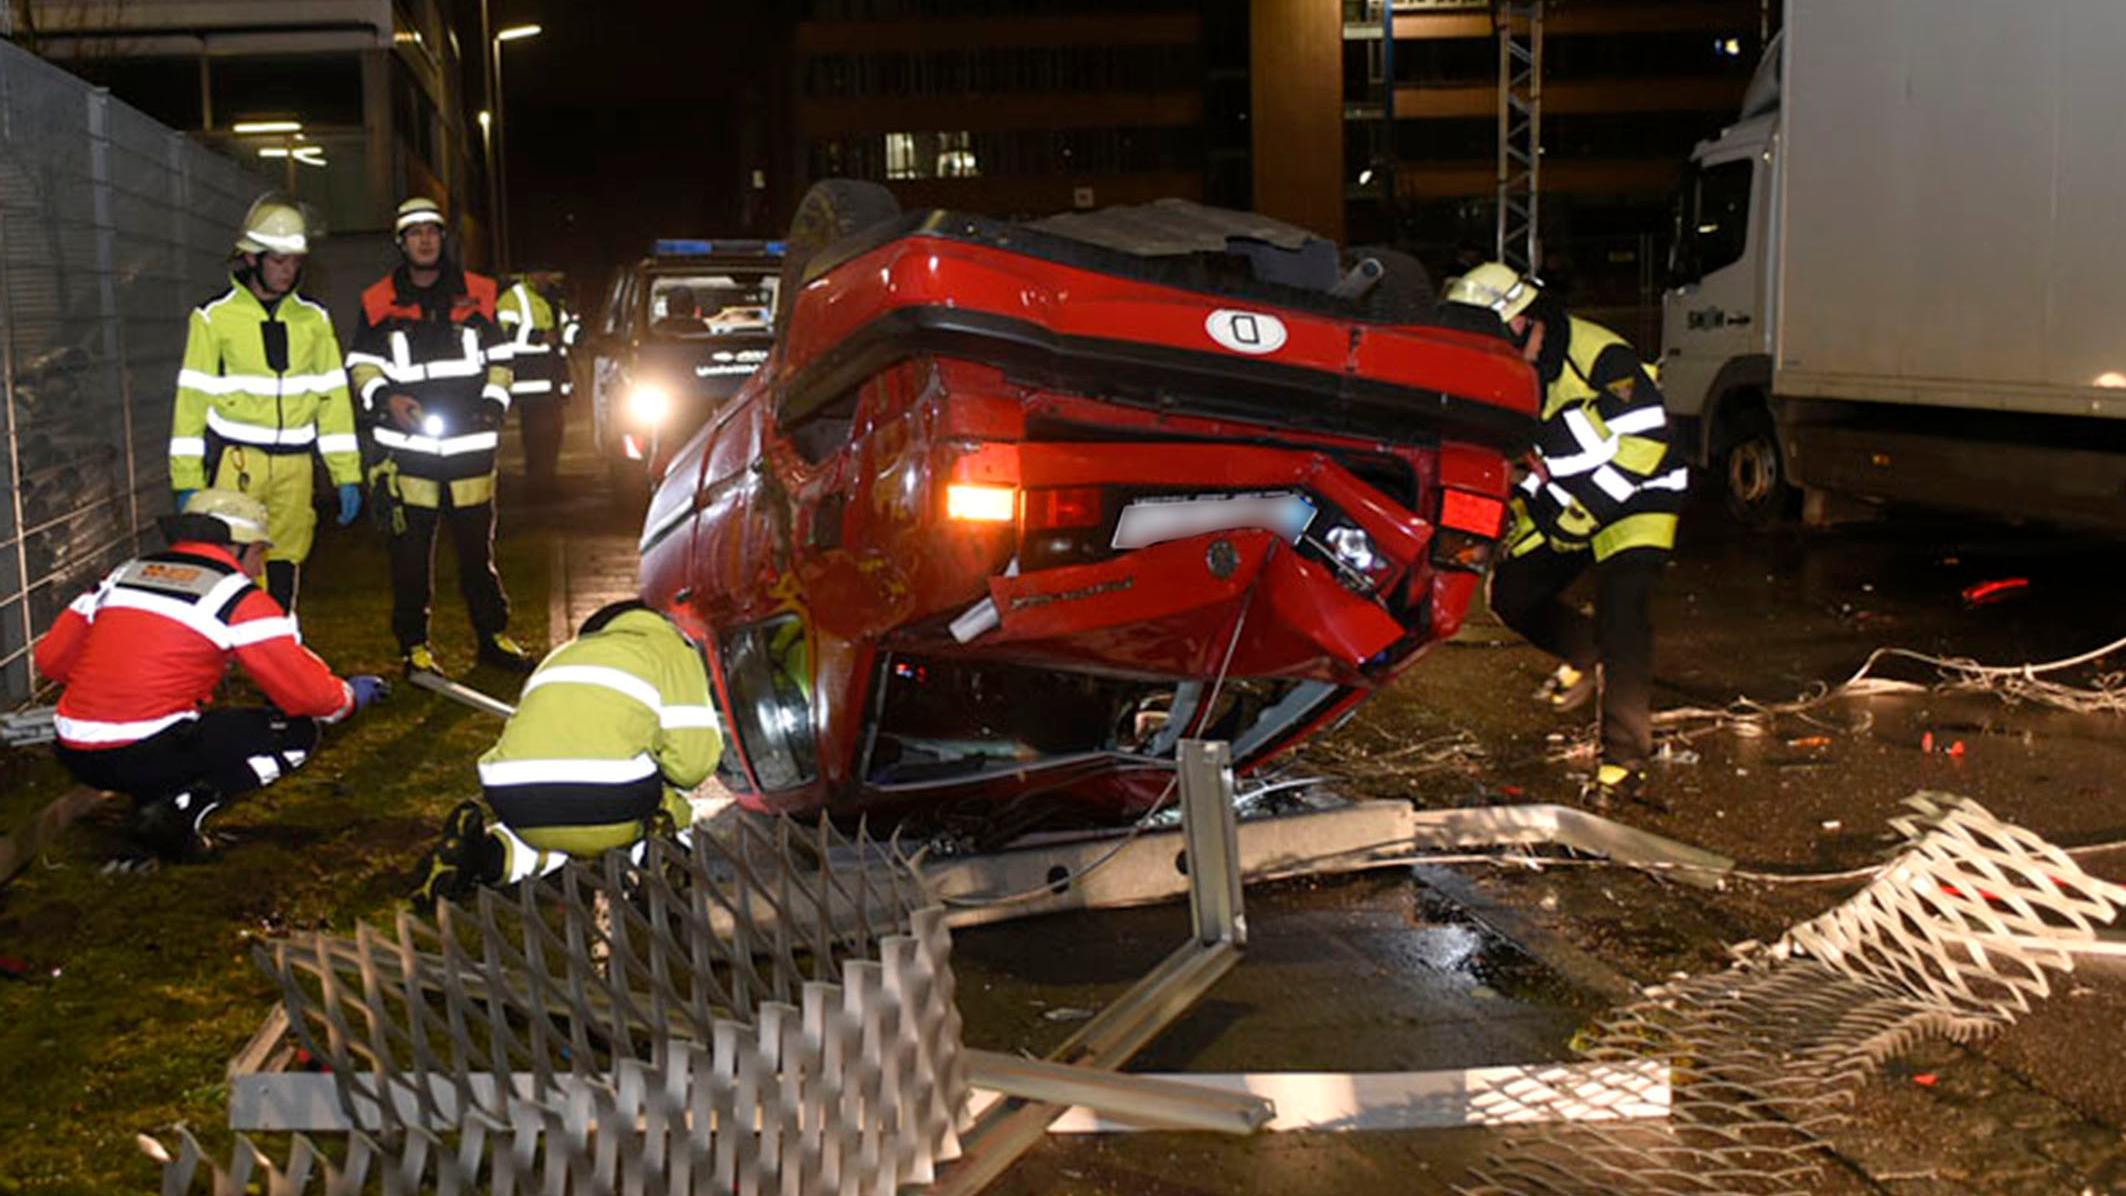 Der auf den Dach liegende Unfallwagen